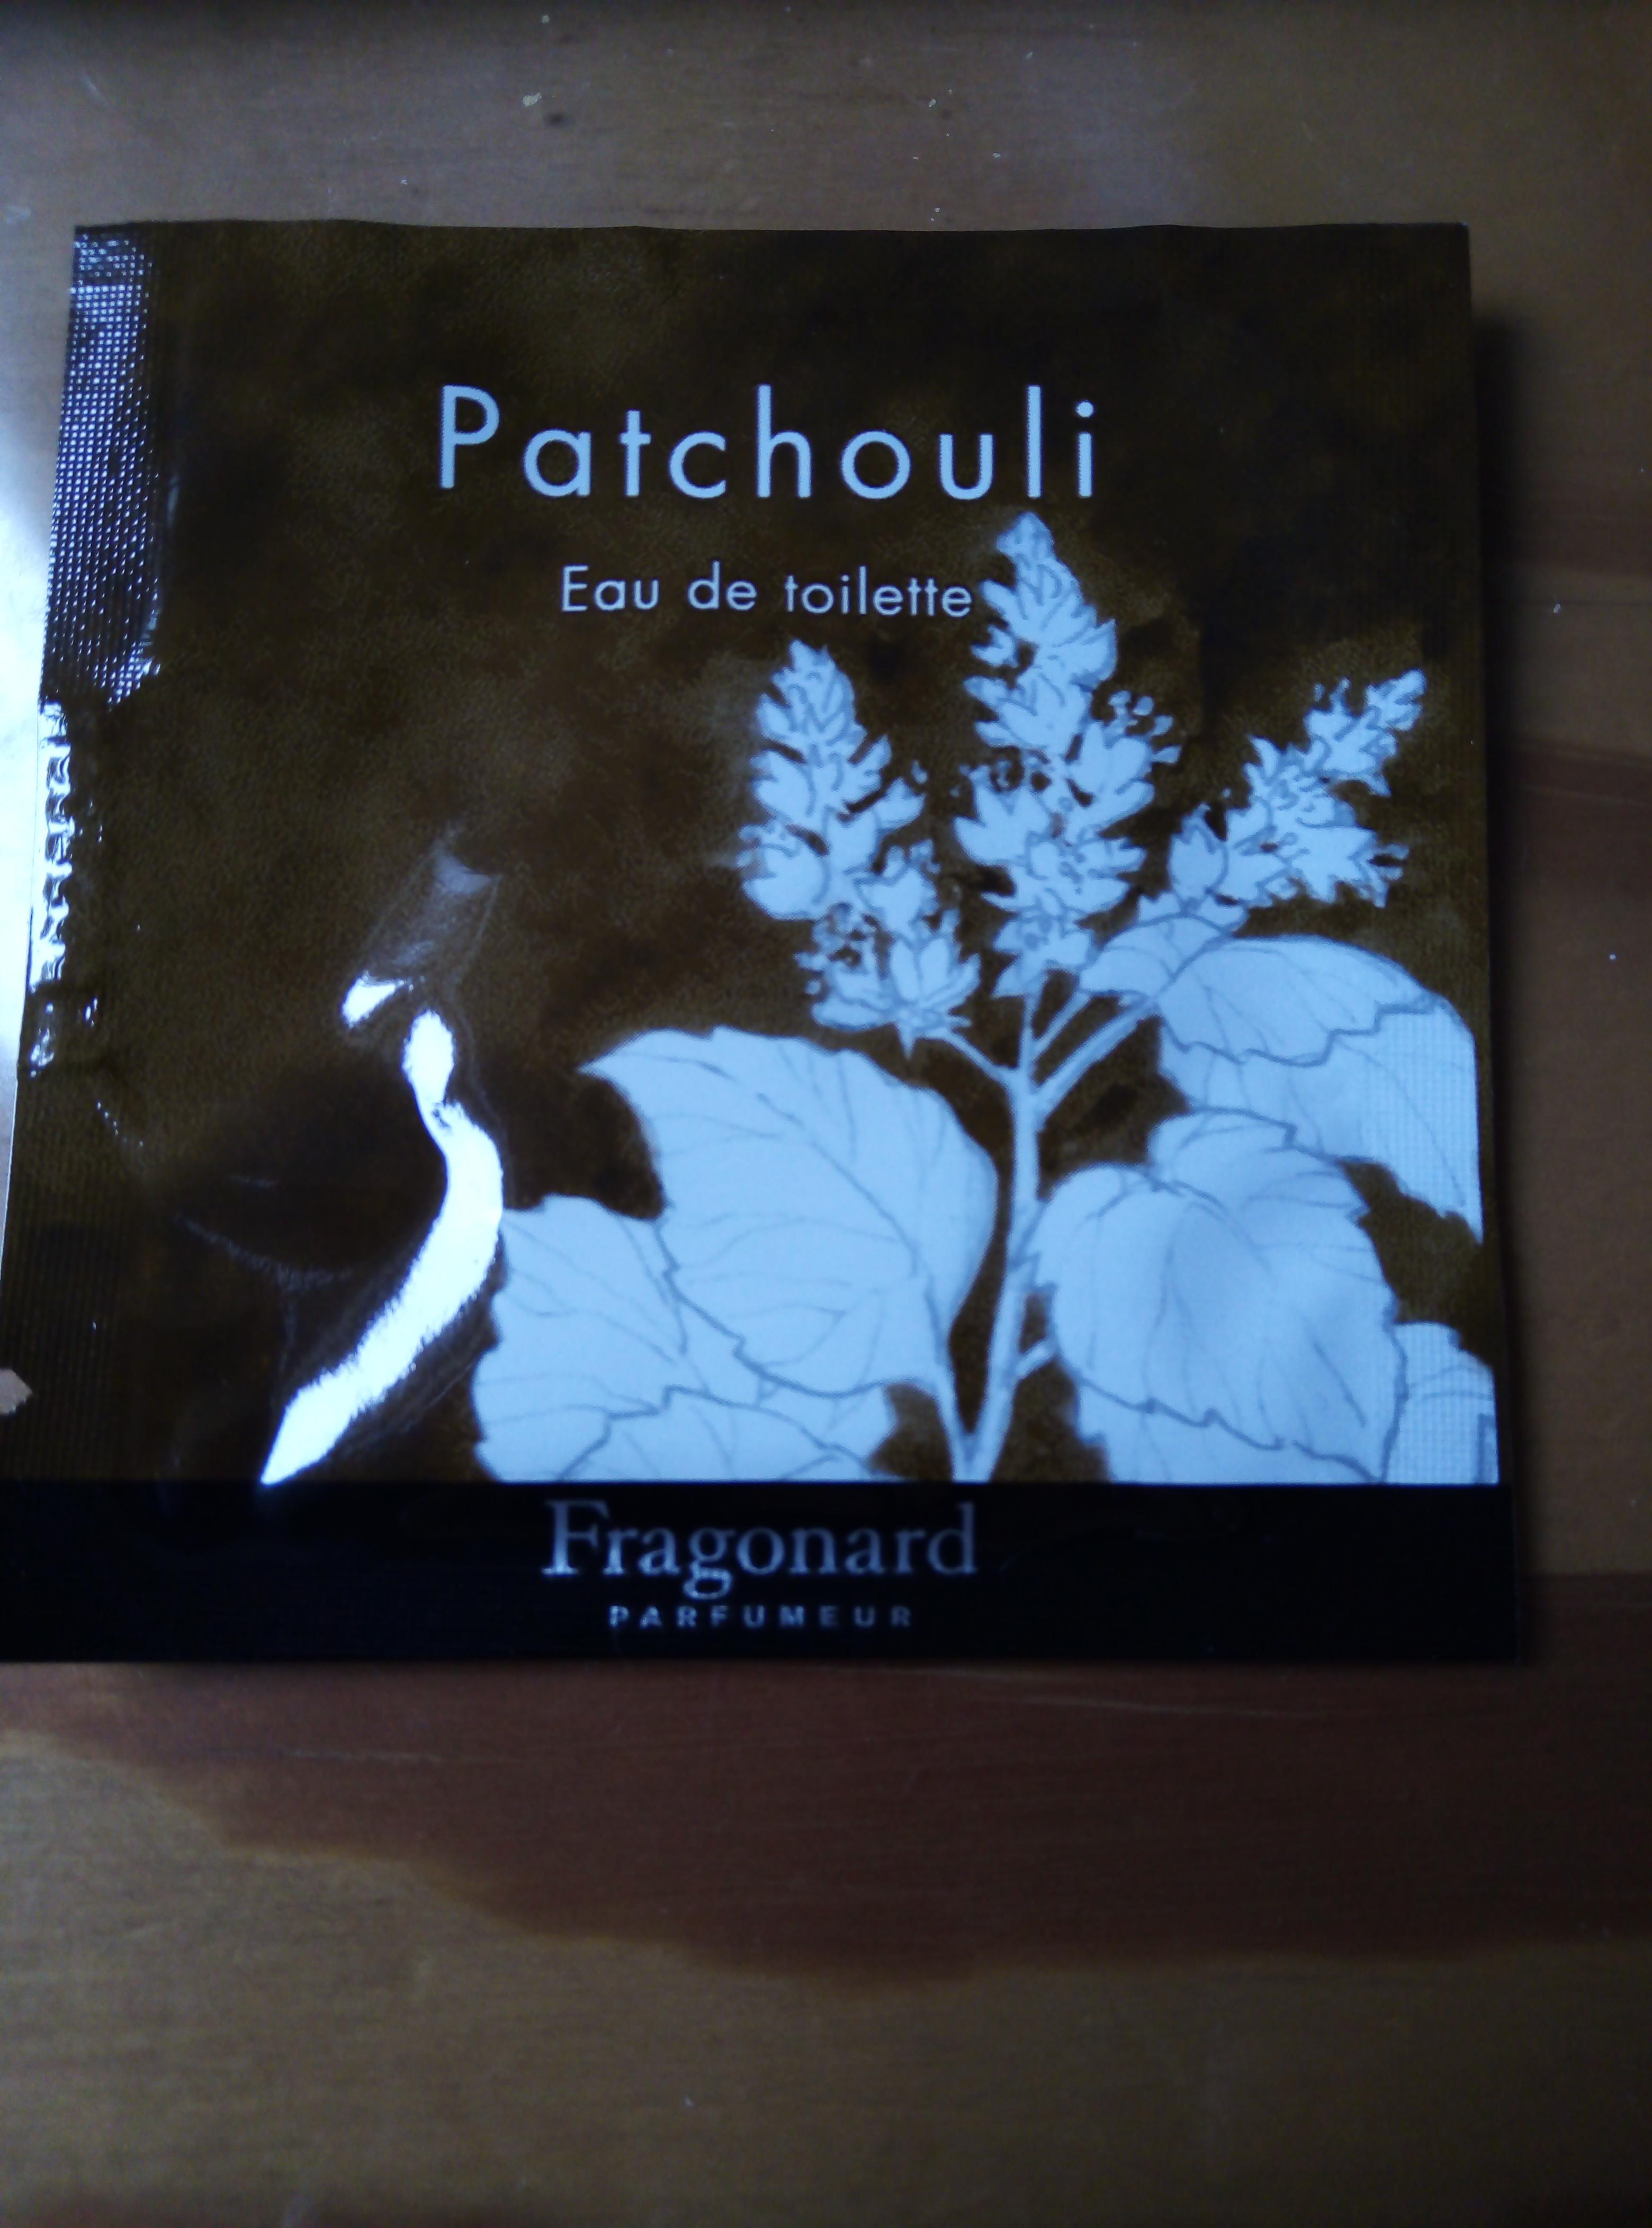 """troc de troc res fid - Échantillon """"patchouli"""" fragonard image 0"""